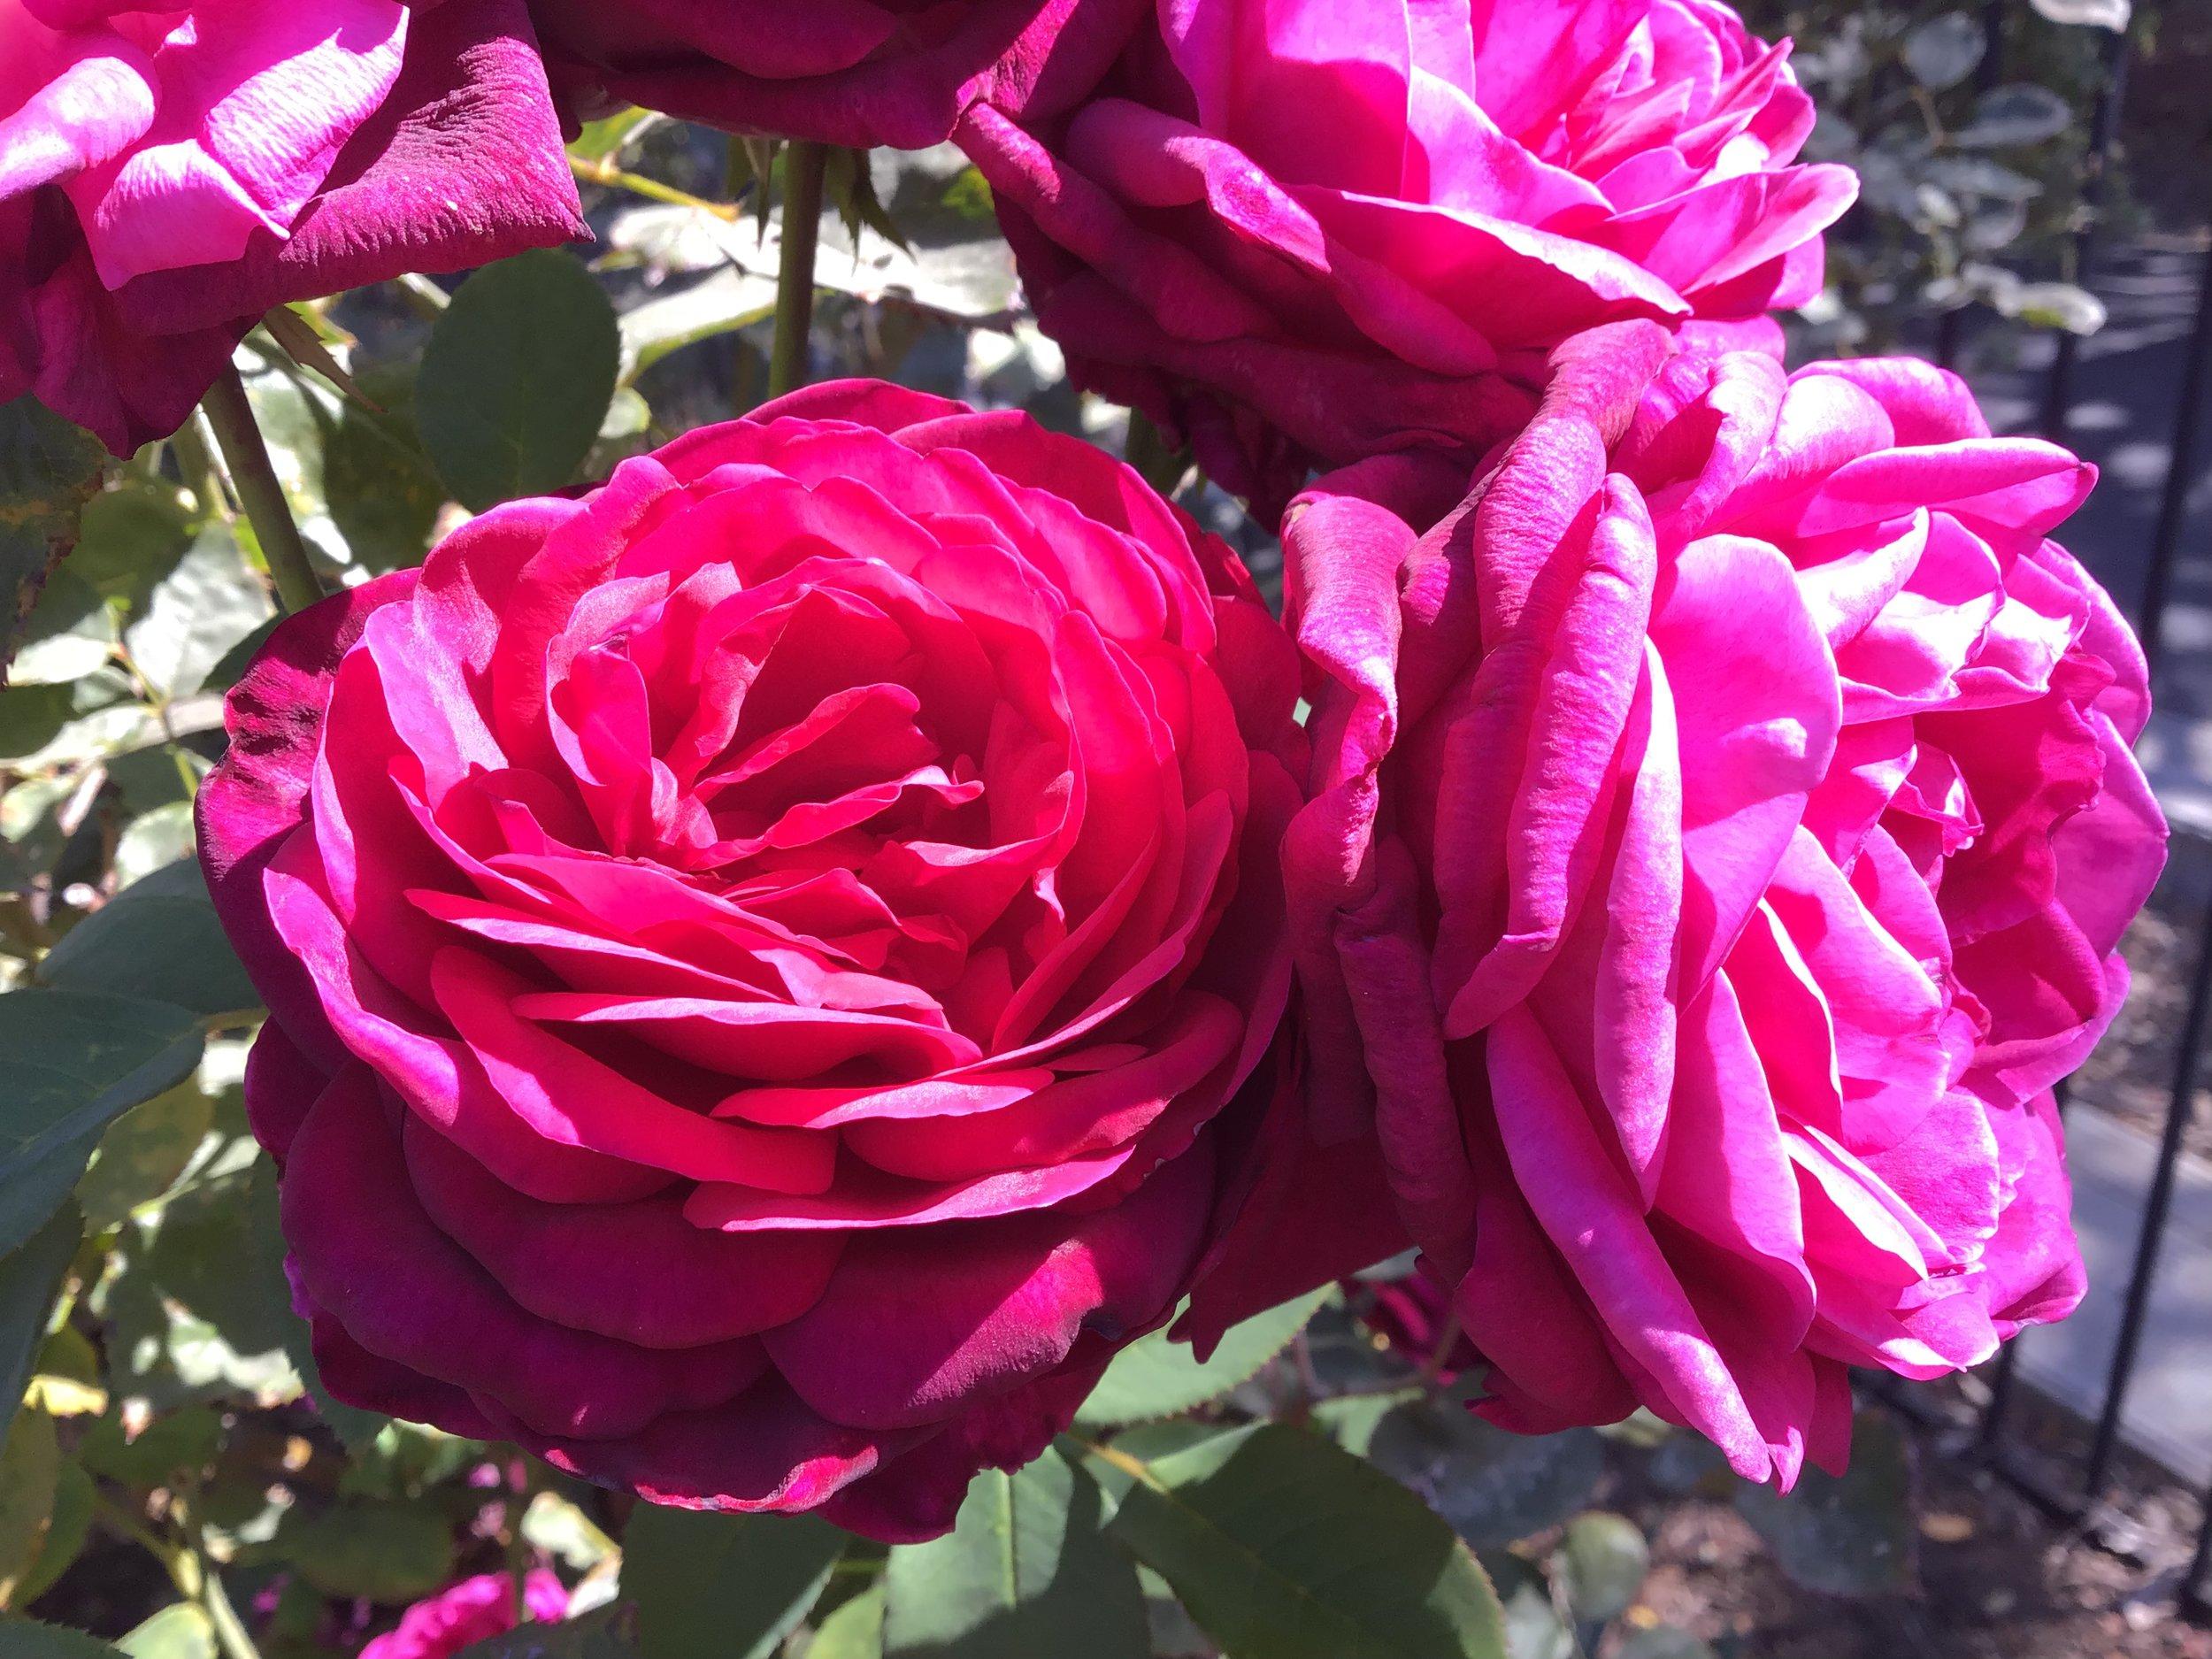 rose garden2.jpg